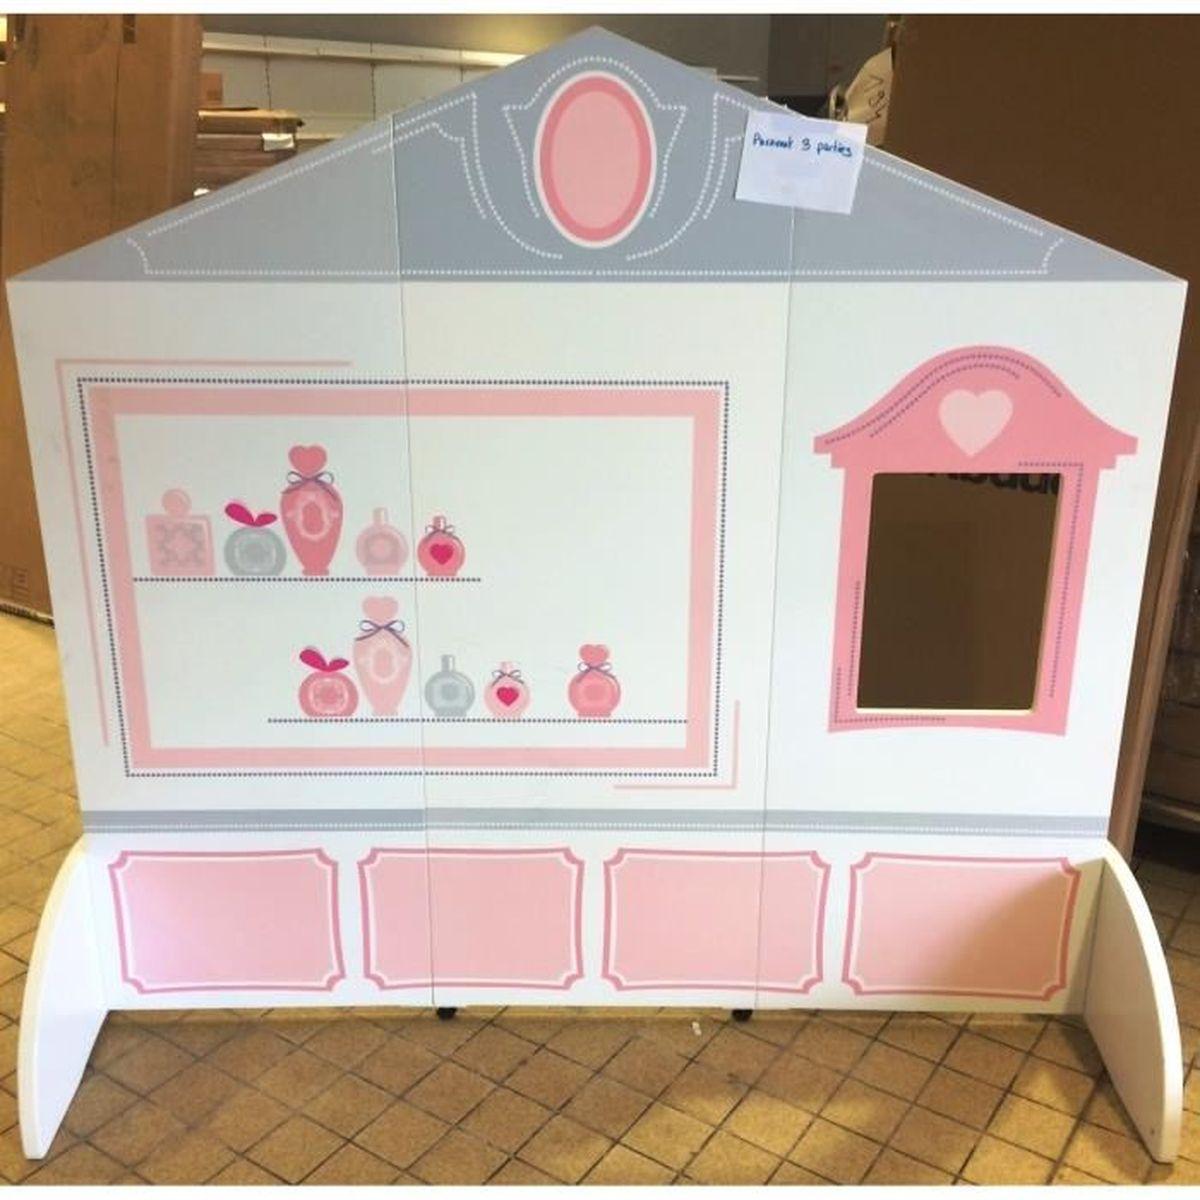 Cloison mobile 3 parties chambre enfant pour fille - Achat / Vente ...